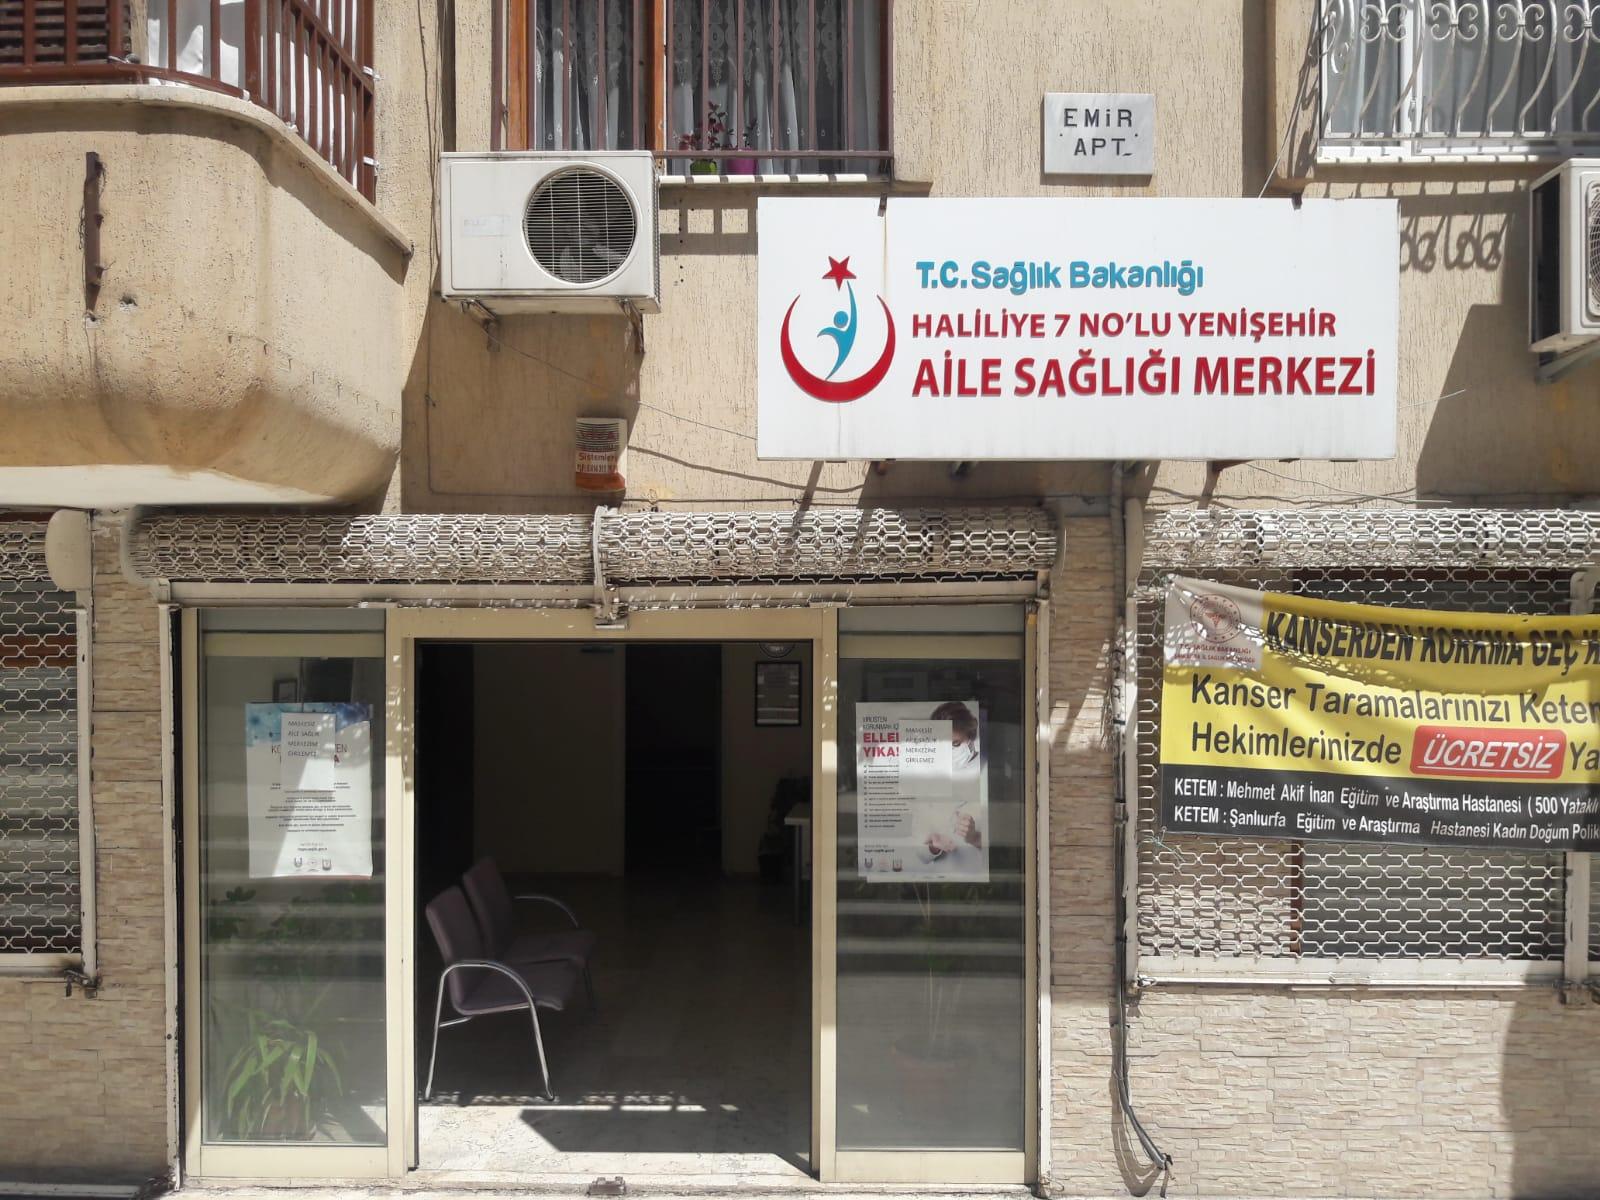 Haliliye 7 No'lu Yenişehir Aile Sağlığı Merkezi Binası Dış Görünüşü